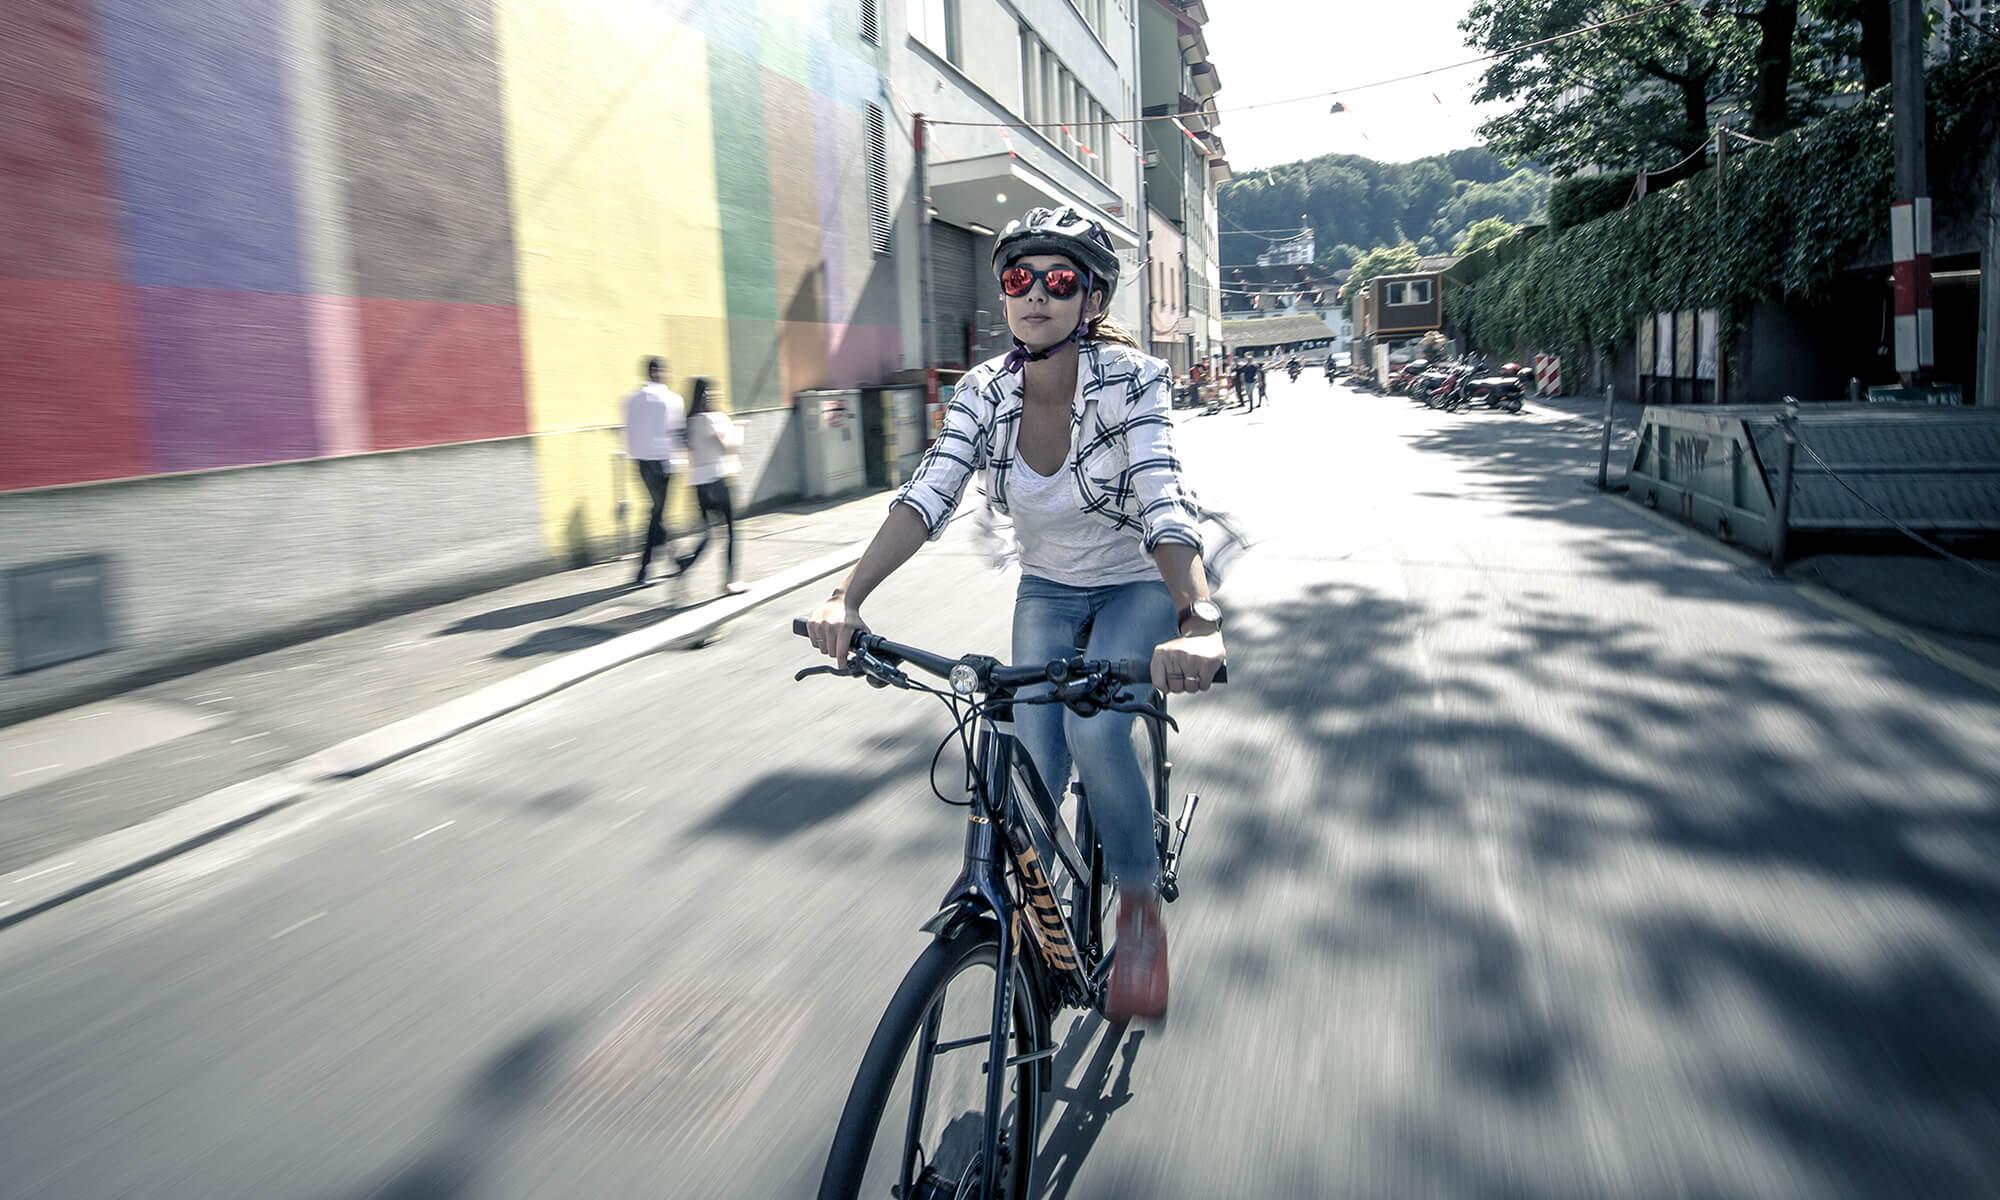 Velolounge - Zürich-Kloten: City-Bike